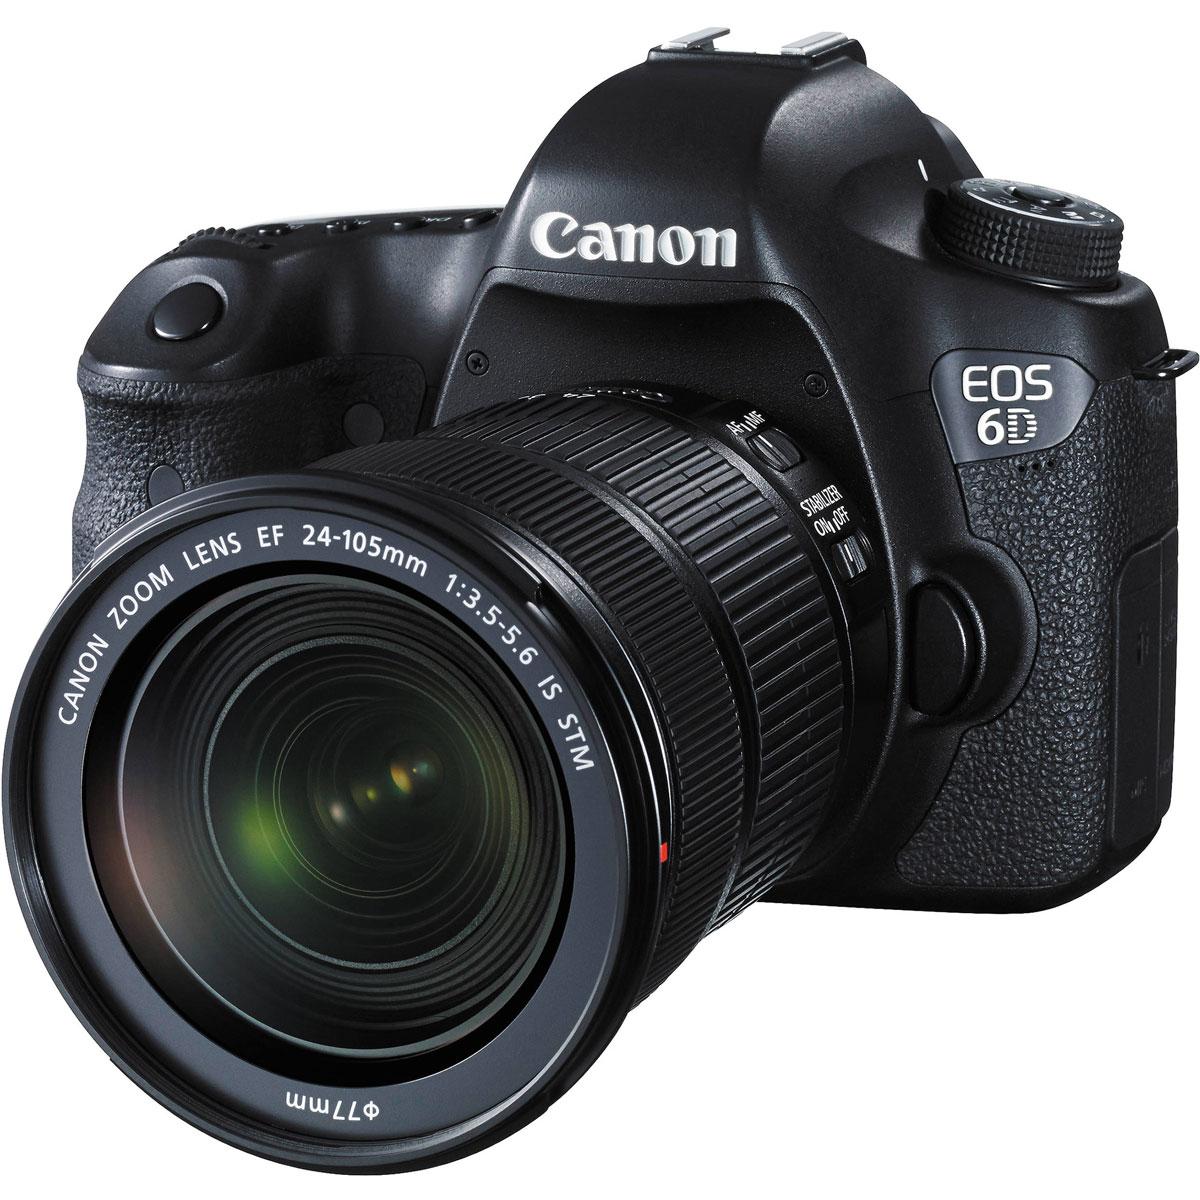 Canon EOS 6D Kit 24-105 IS STM цифровая зеркальная фотокамера